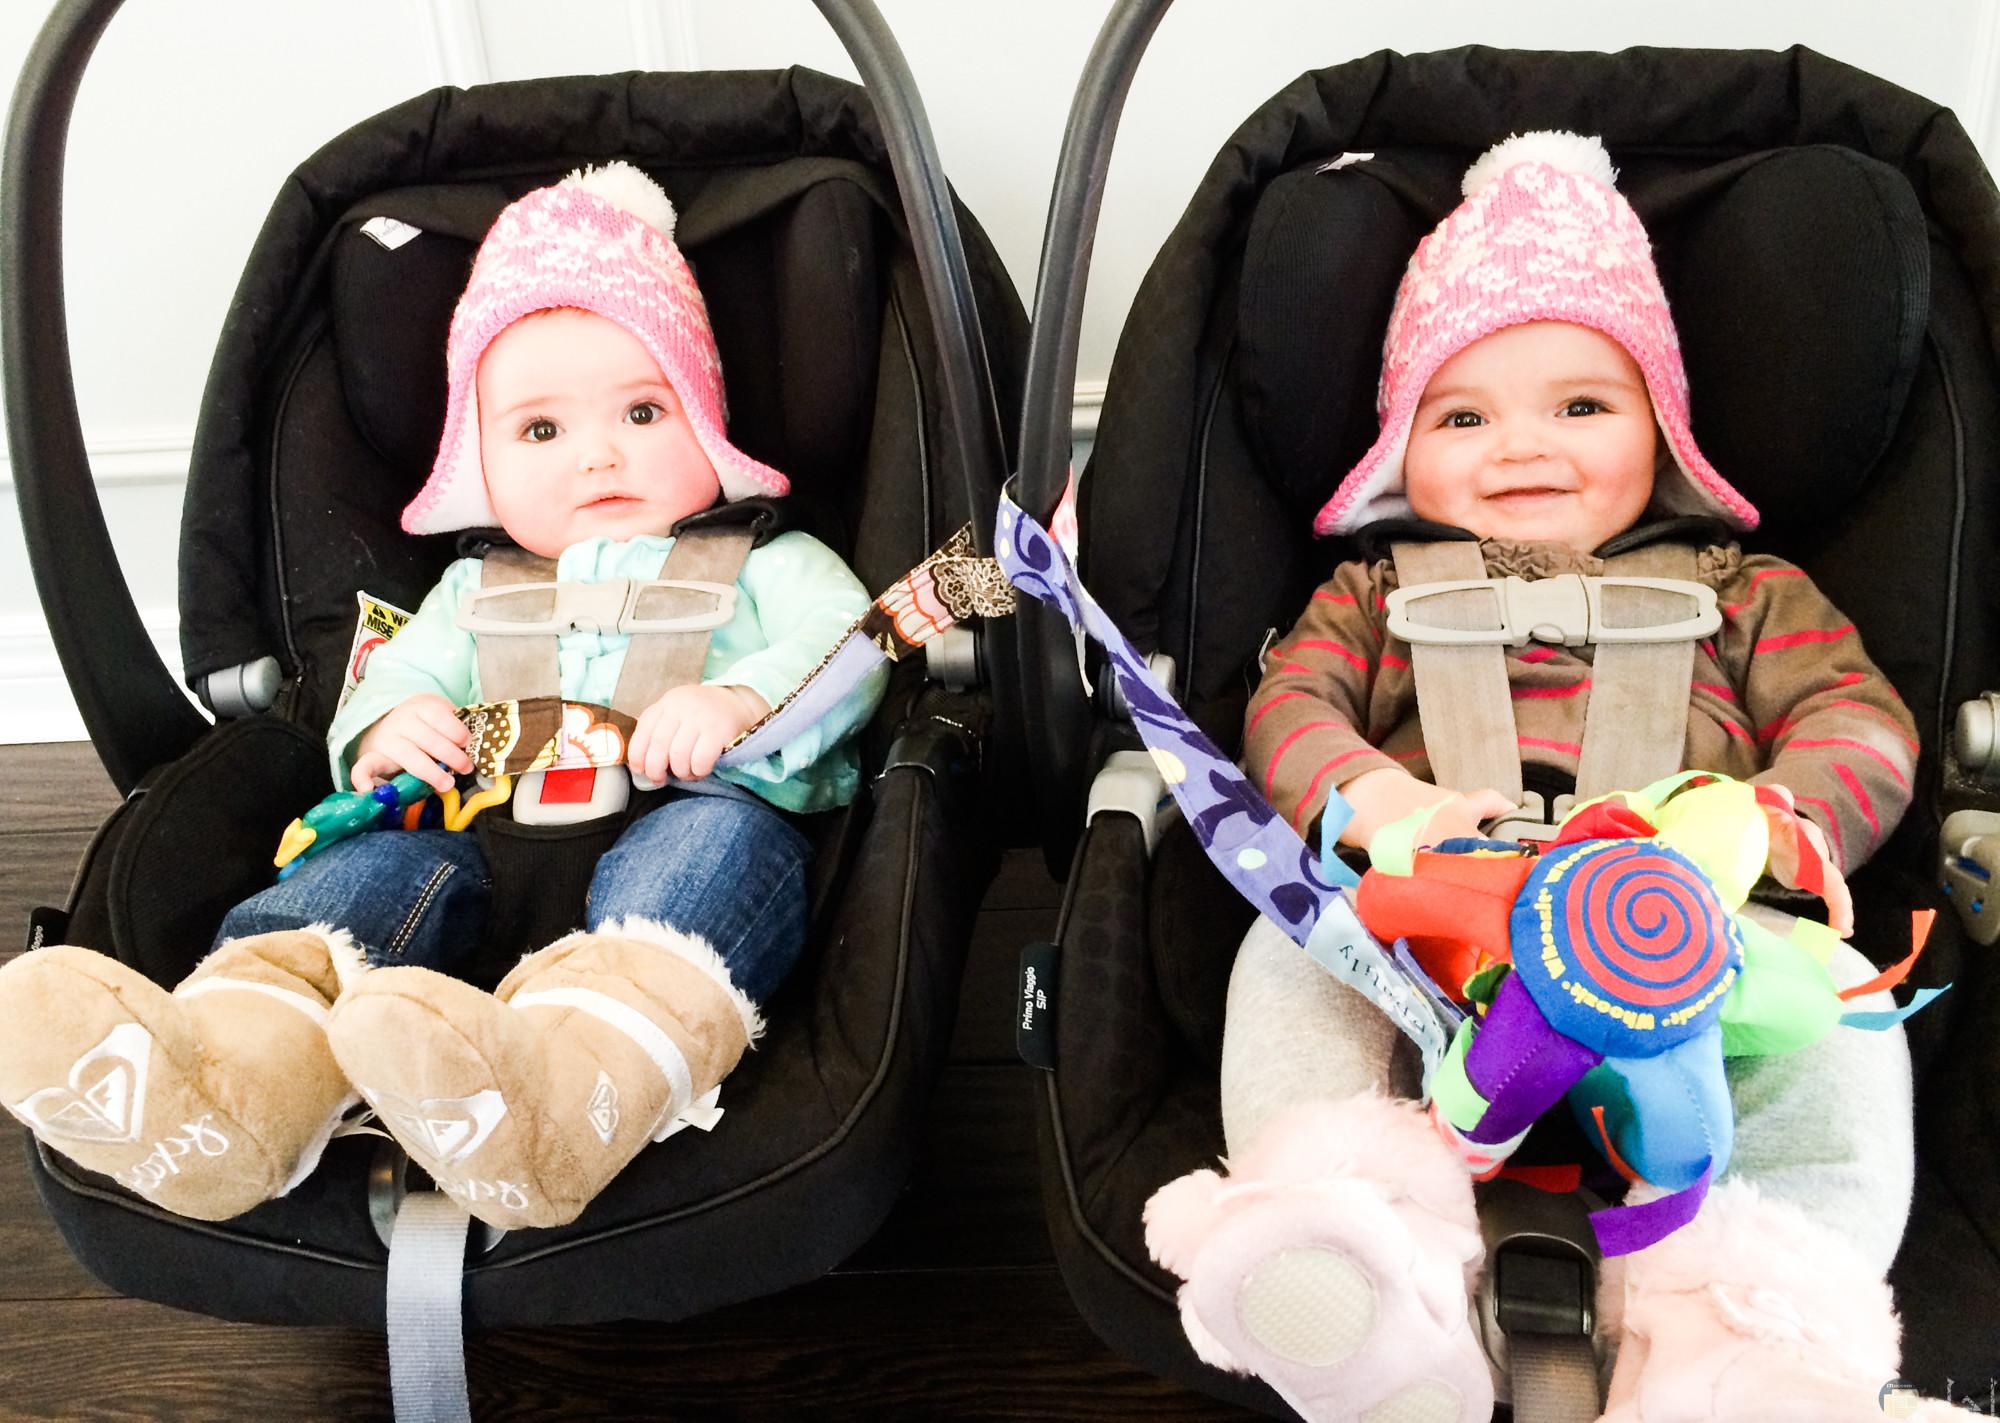 صور أطفال توائم صغار جميلة جدا وحلوه لطفلين توأم جالسين